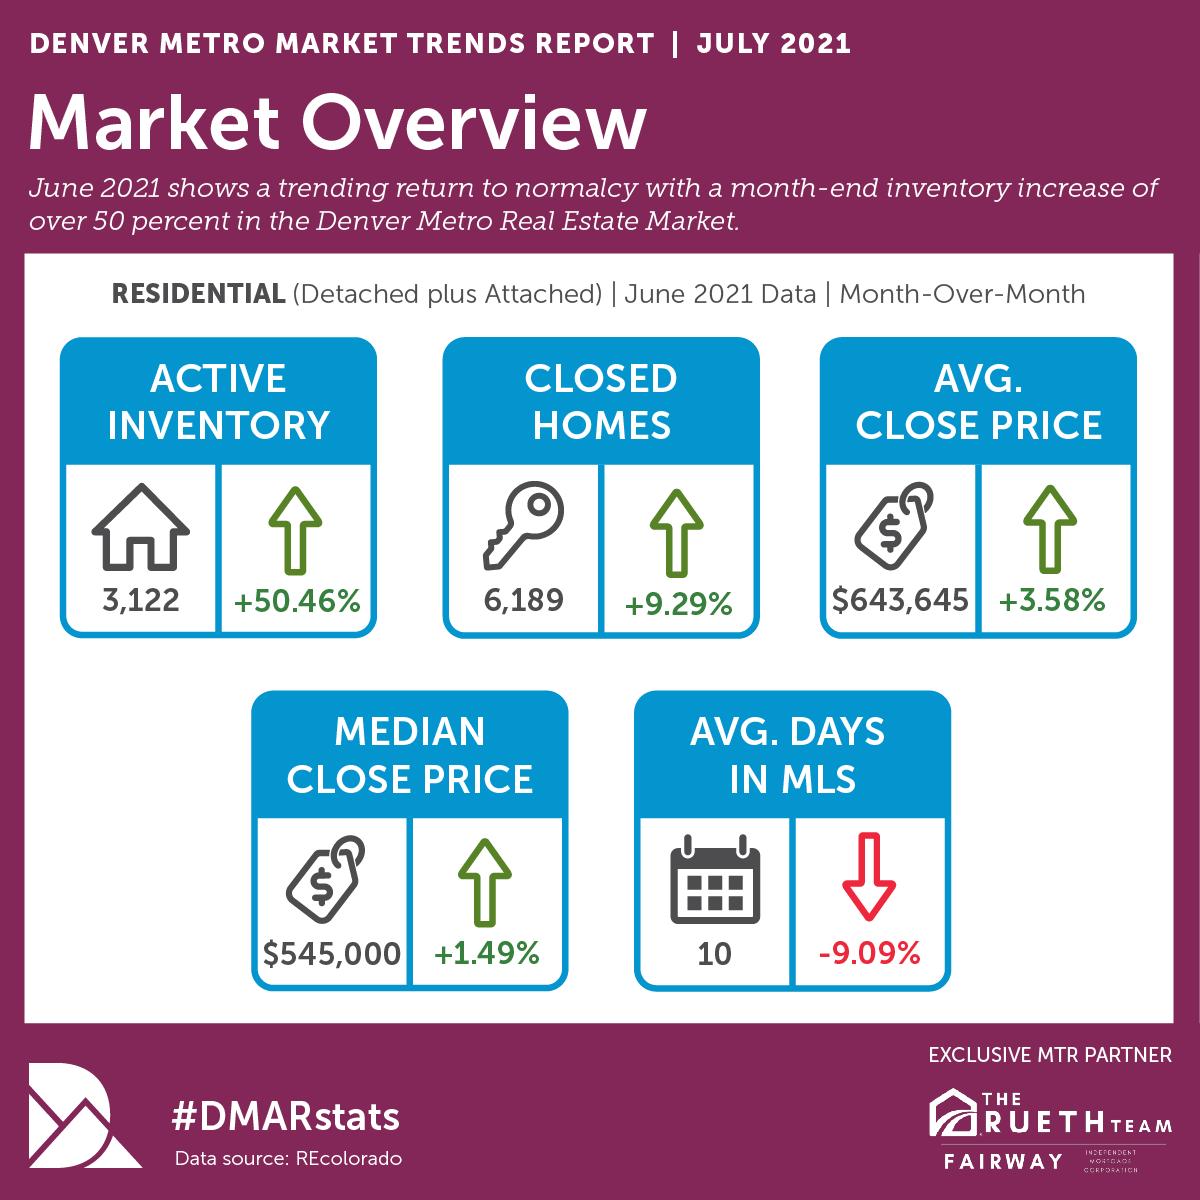 June 2021 DMAR Trend Report